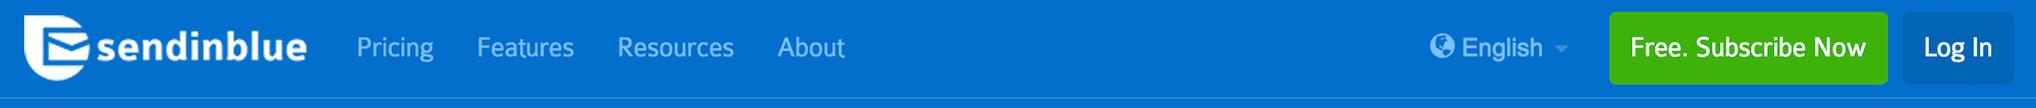 SendinBlue's 'Subscribe Now' button